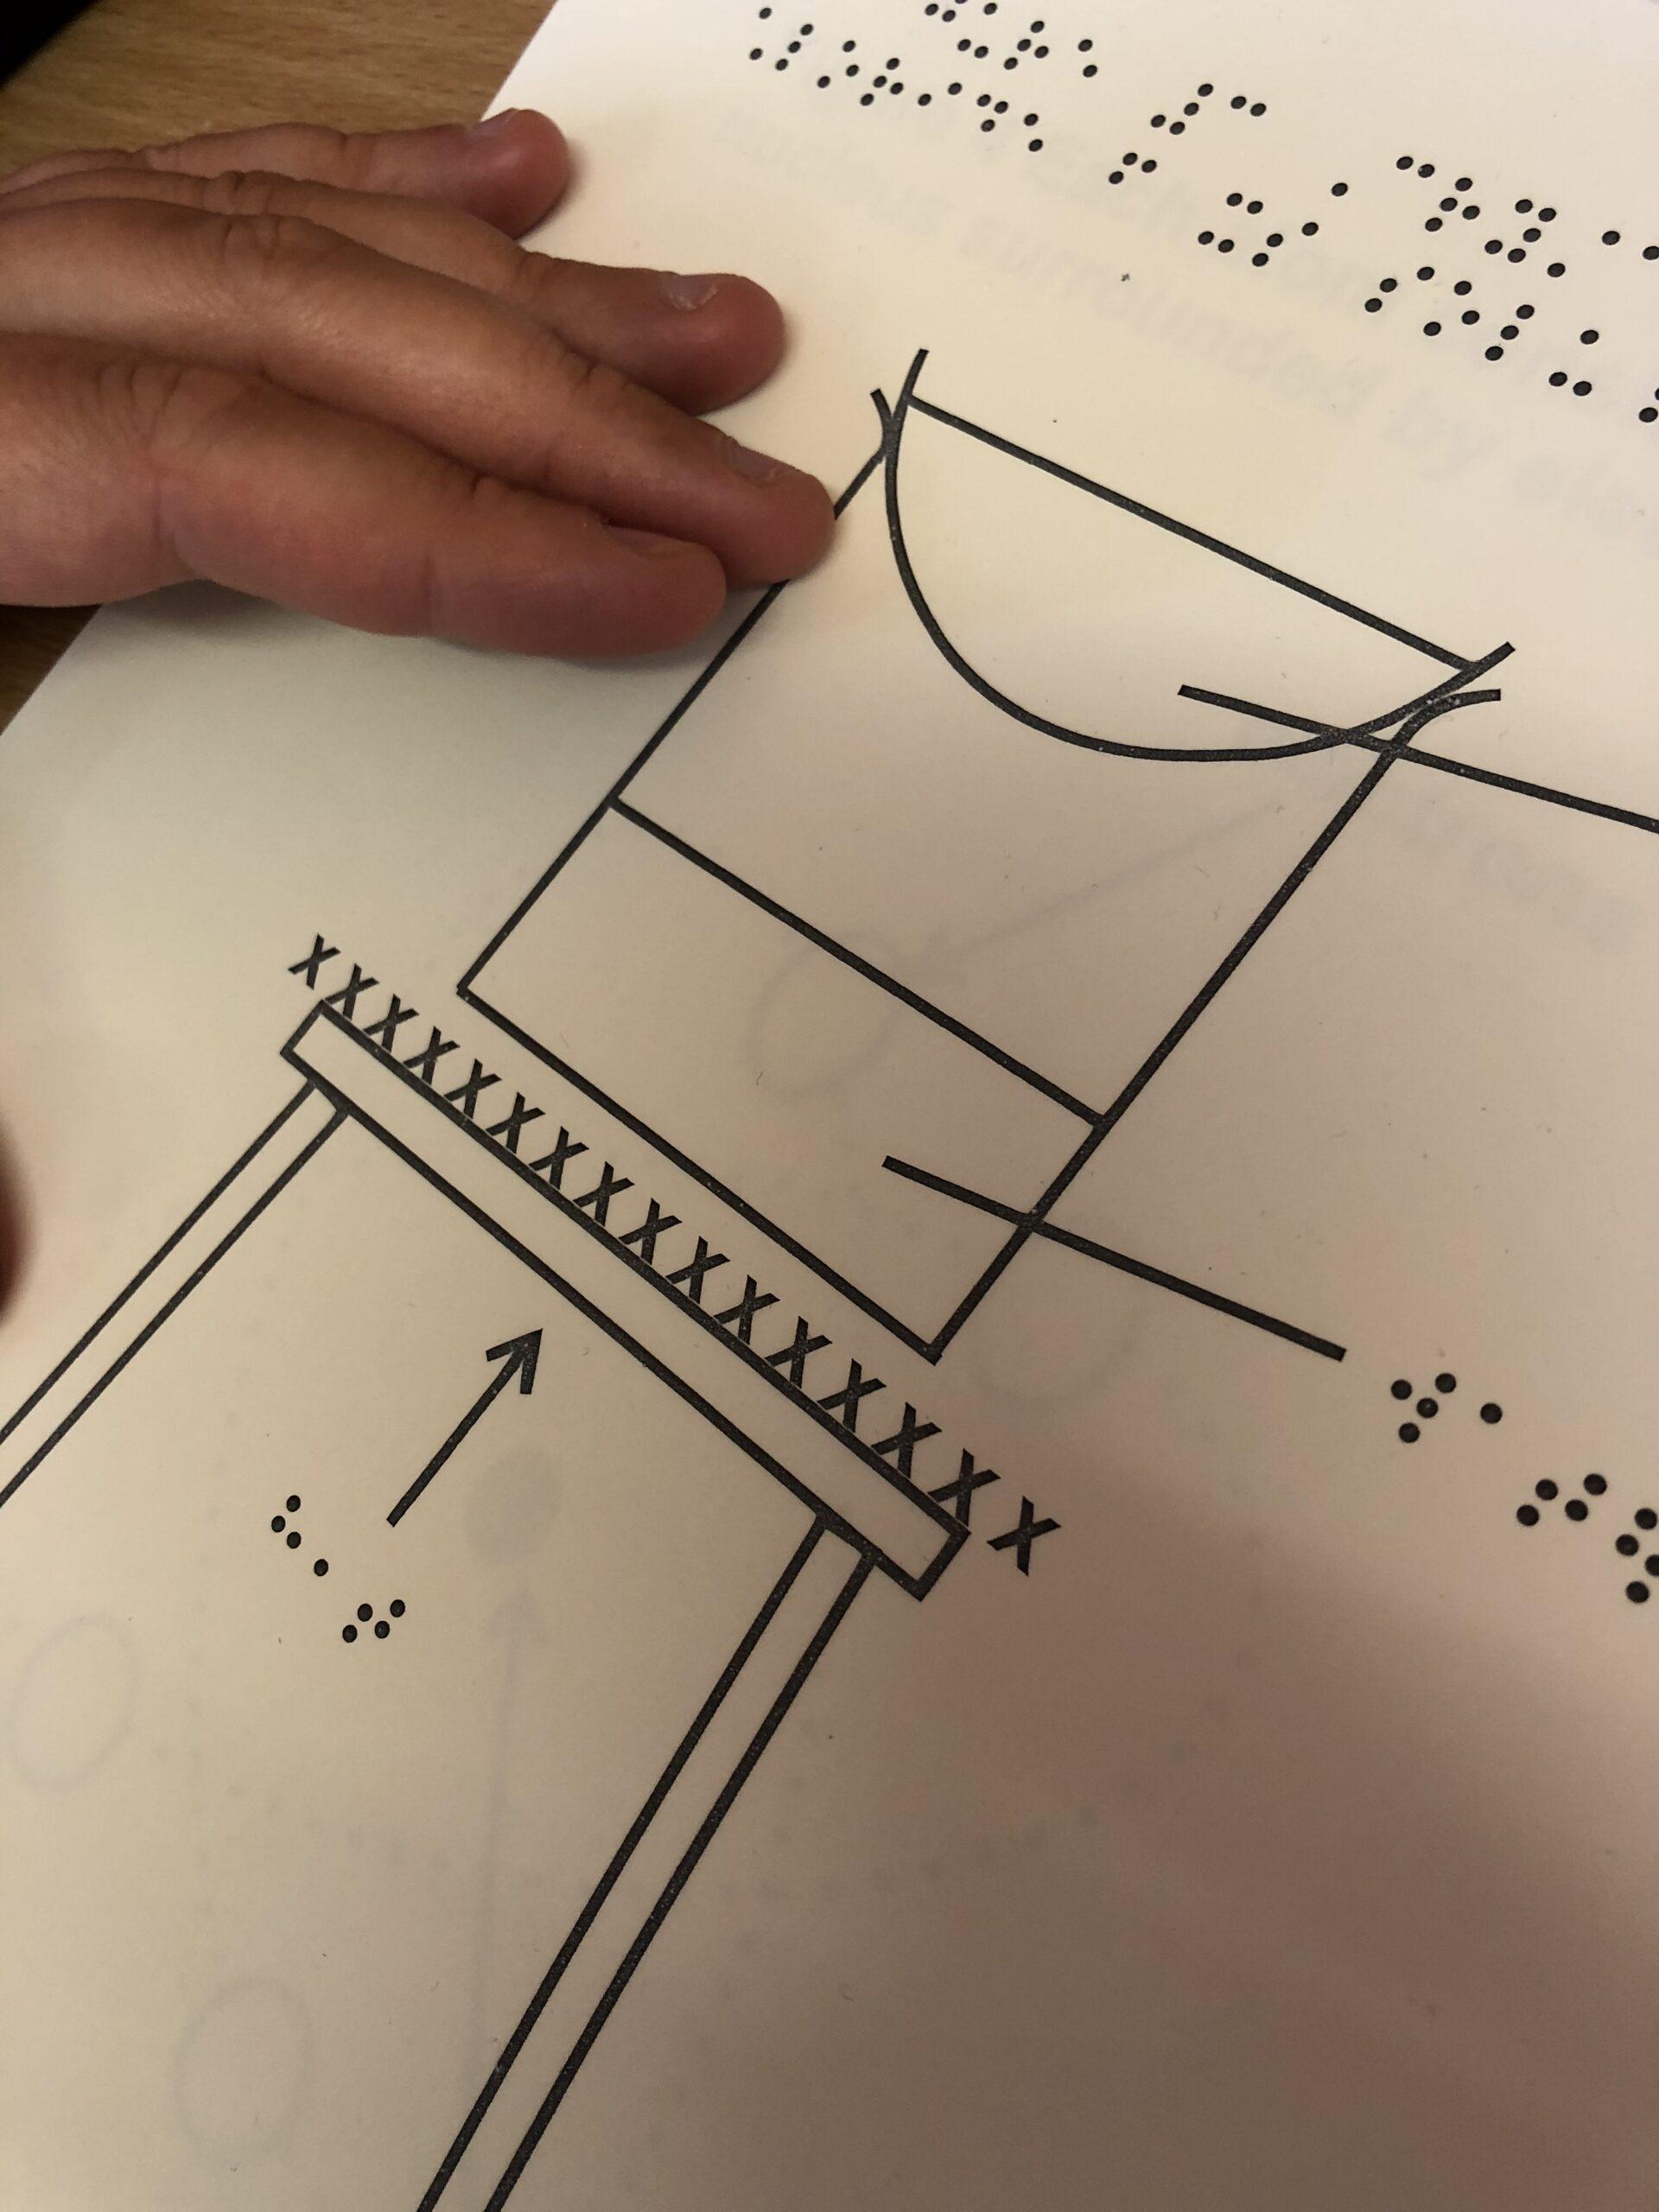 Tactile Diagram